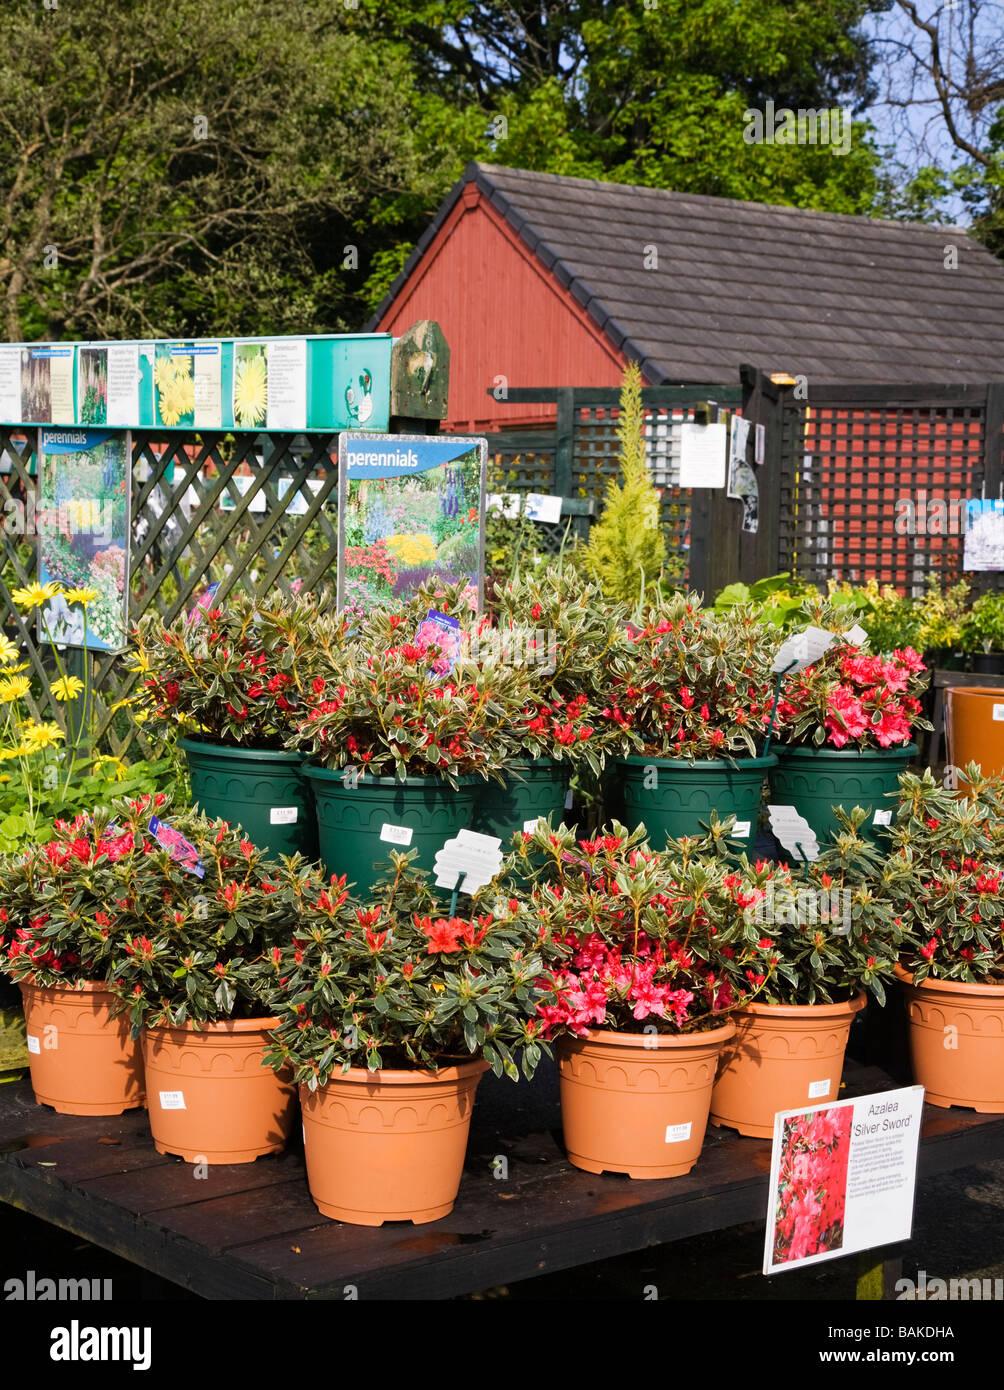 Pflanzen für den Verkauf in einem Garten-Center angezeigt. Stockfoto